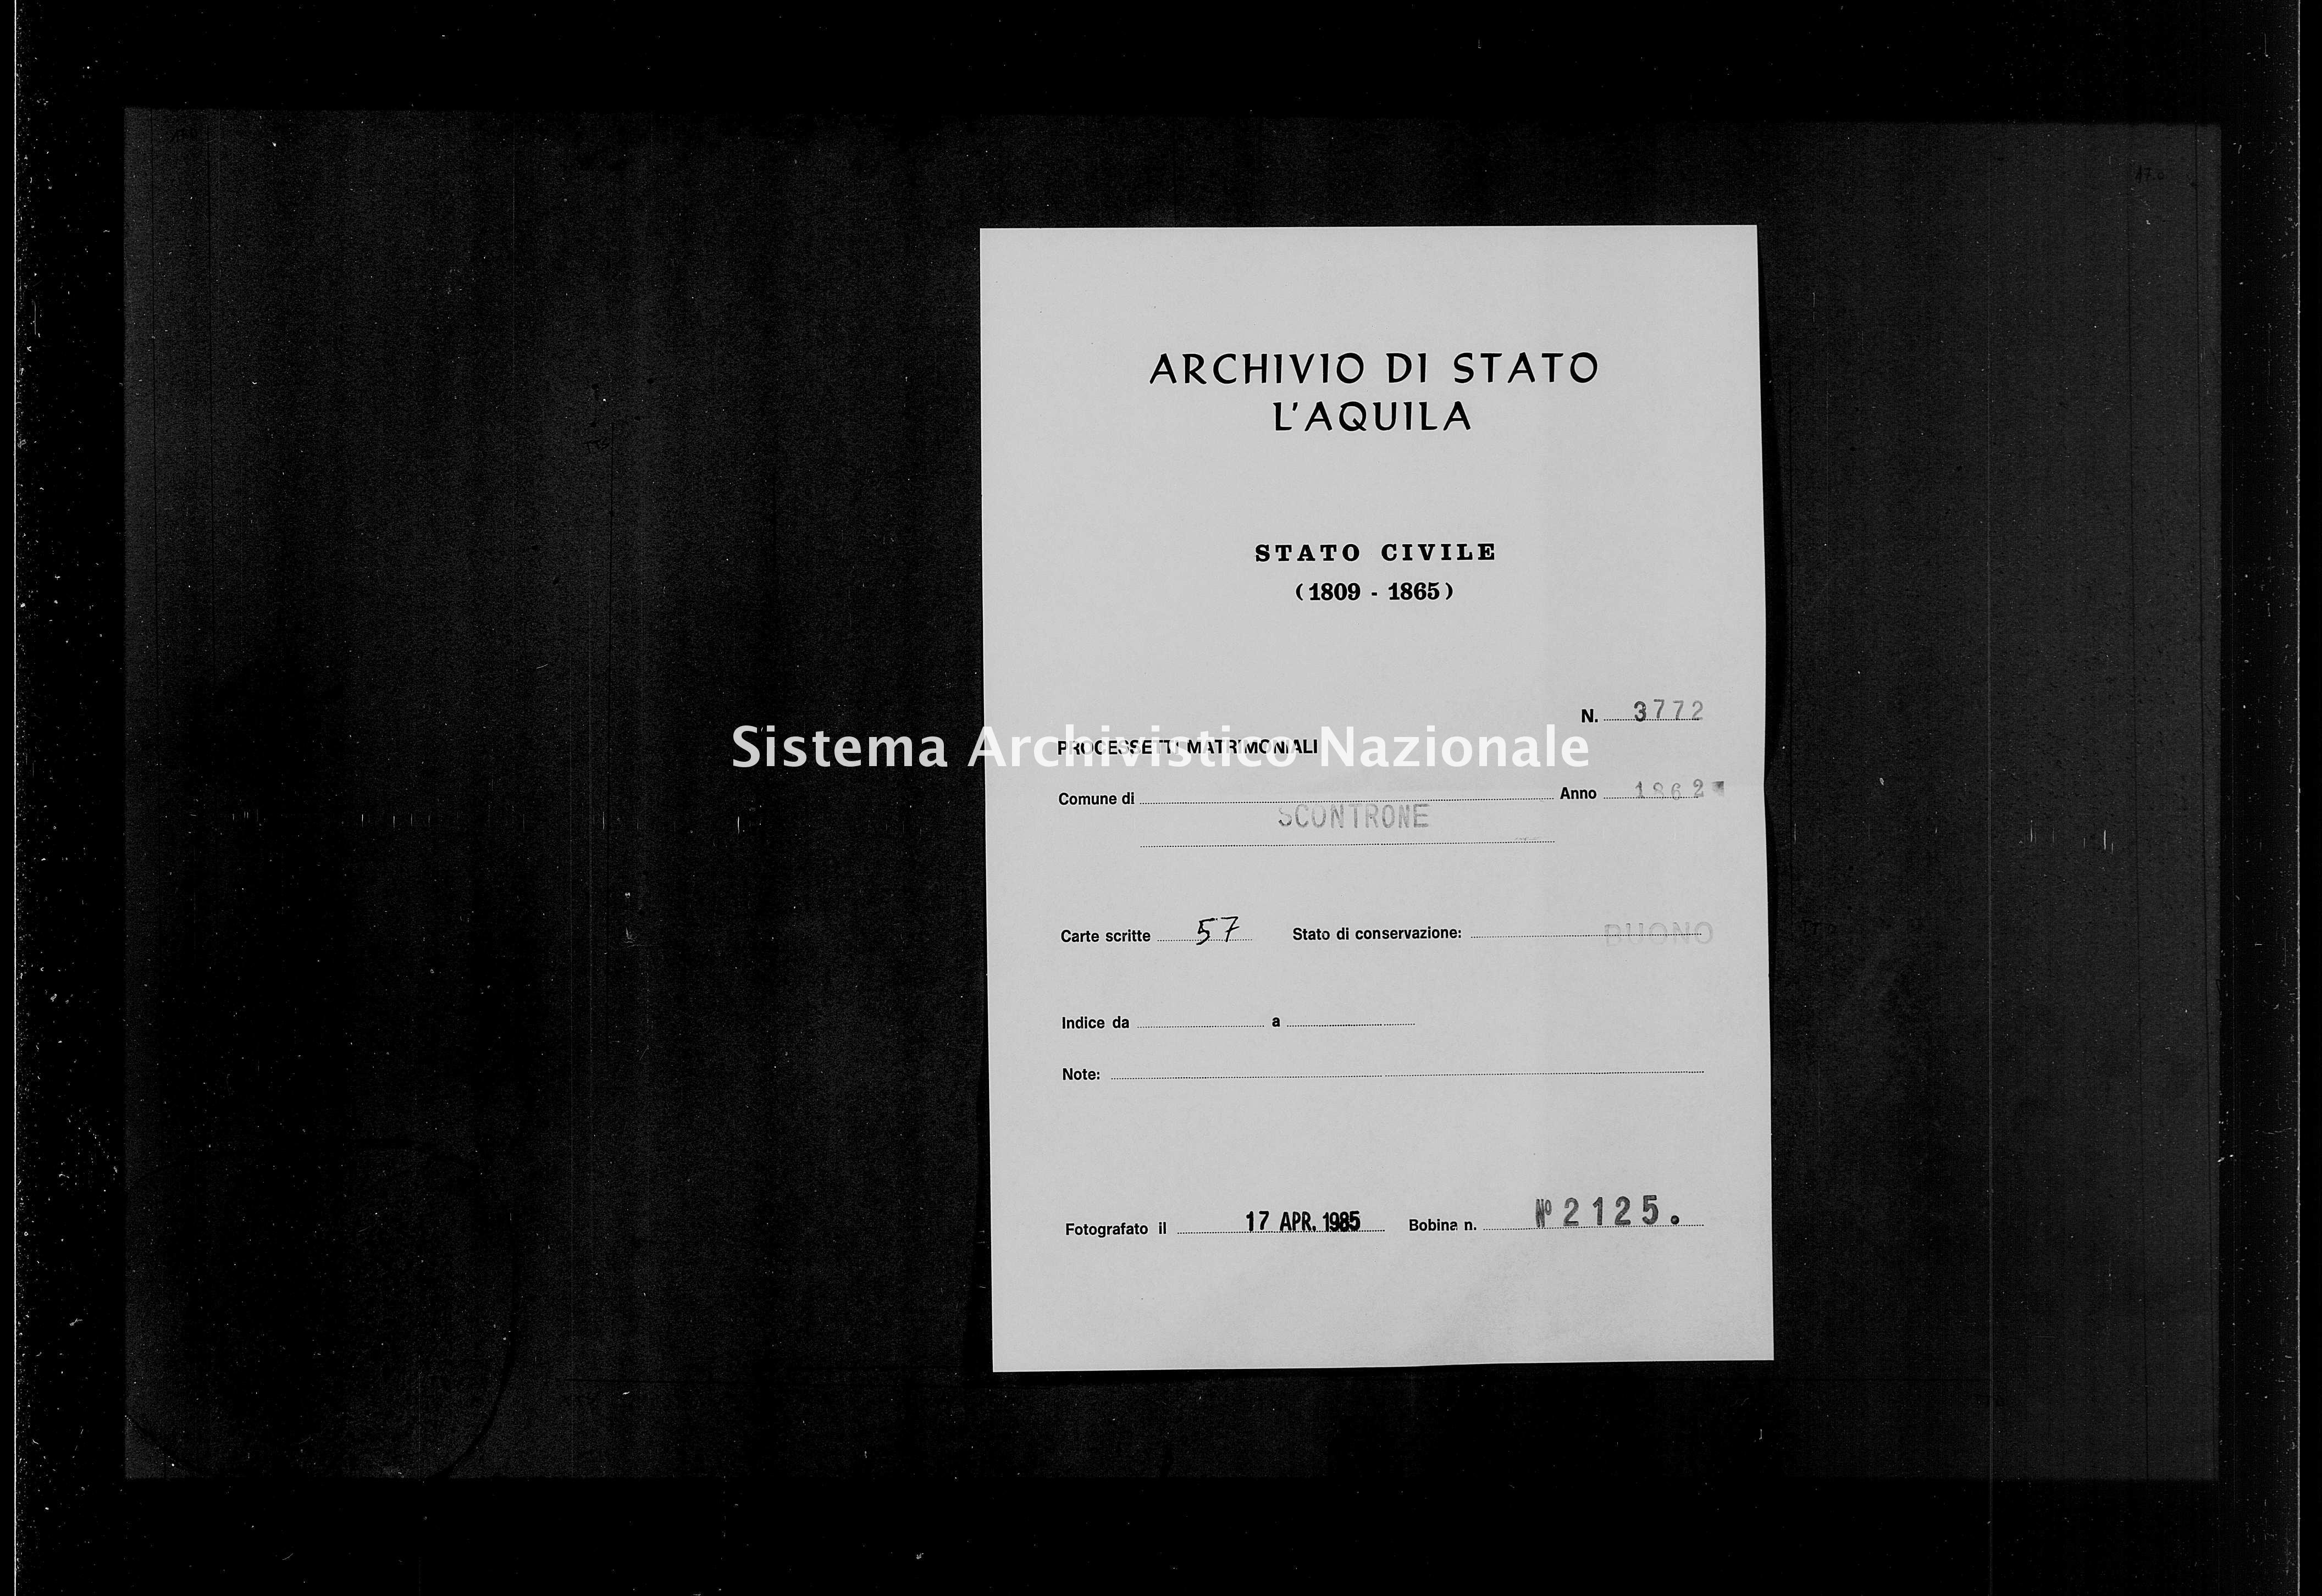 Archivio di stato di L'aquila - Stato civile italiano - Scontrone - Matrimoni, processetti - 1862 - 3772 -